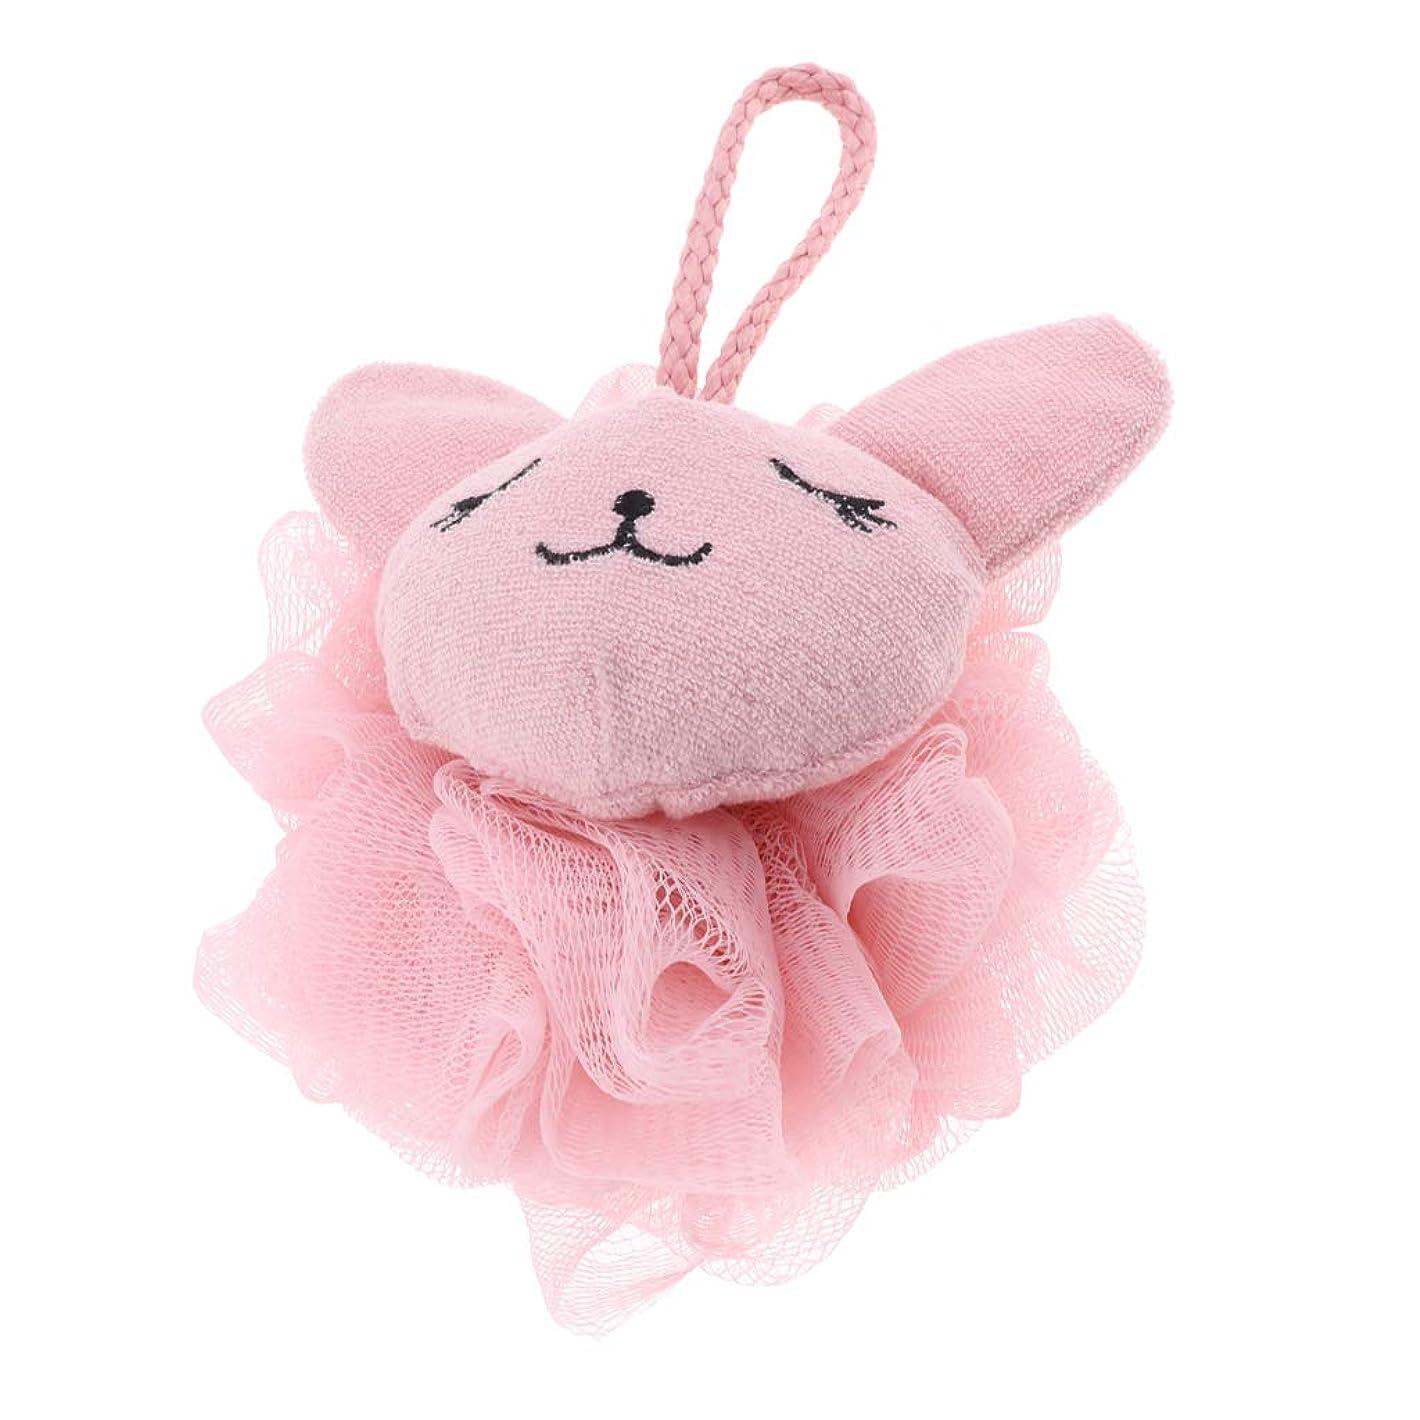 ラップトップ午後魂CUTICATE シャワーボール ボディスポンジ 漫画 動物 お風呂 バスグッズ 体洗い 柔らか 快適 全2色 - ピンク